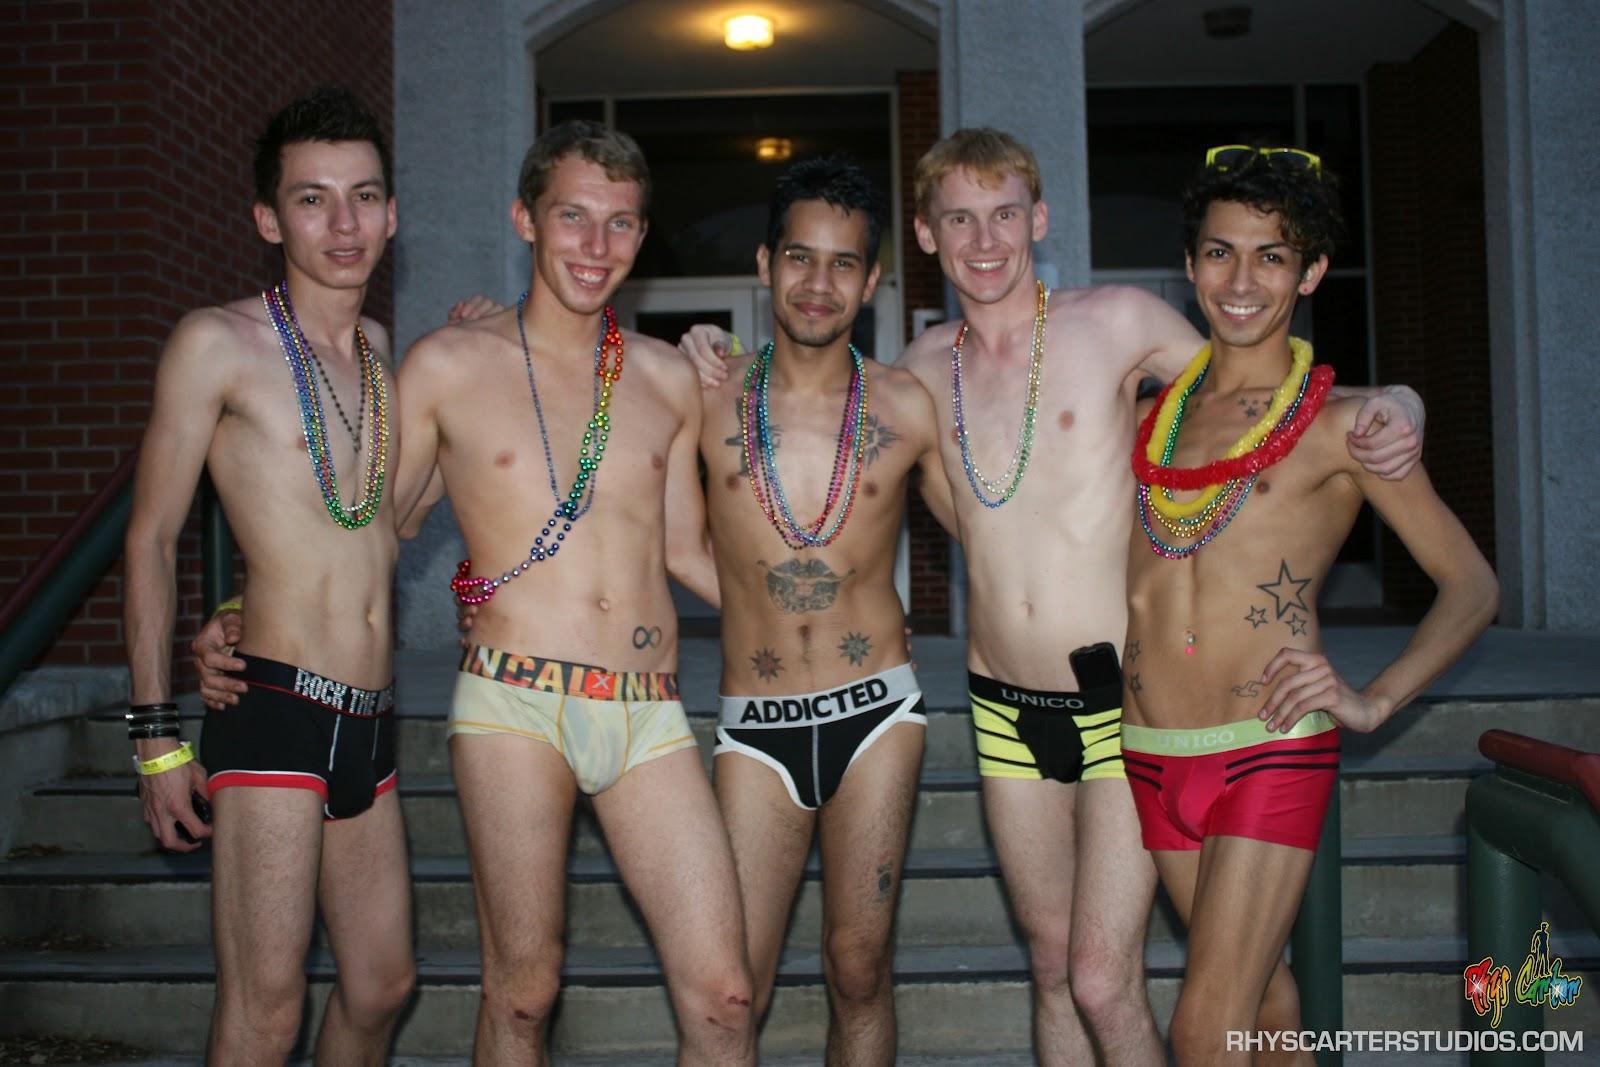 Gay San Antonio map - Gay hotels, bars, parties, saunas